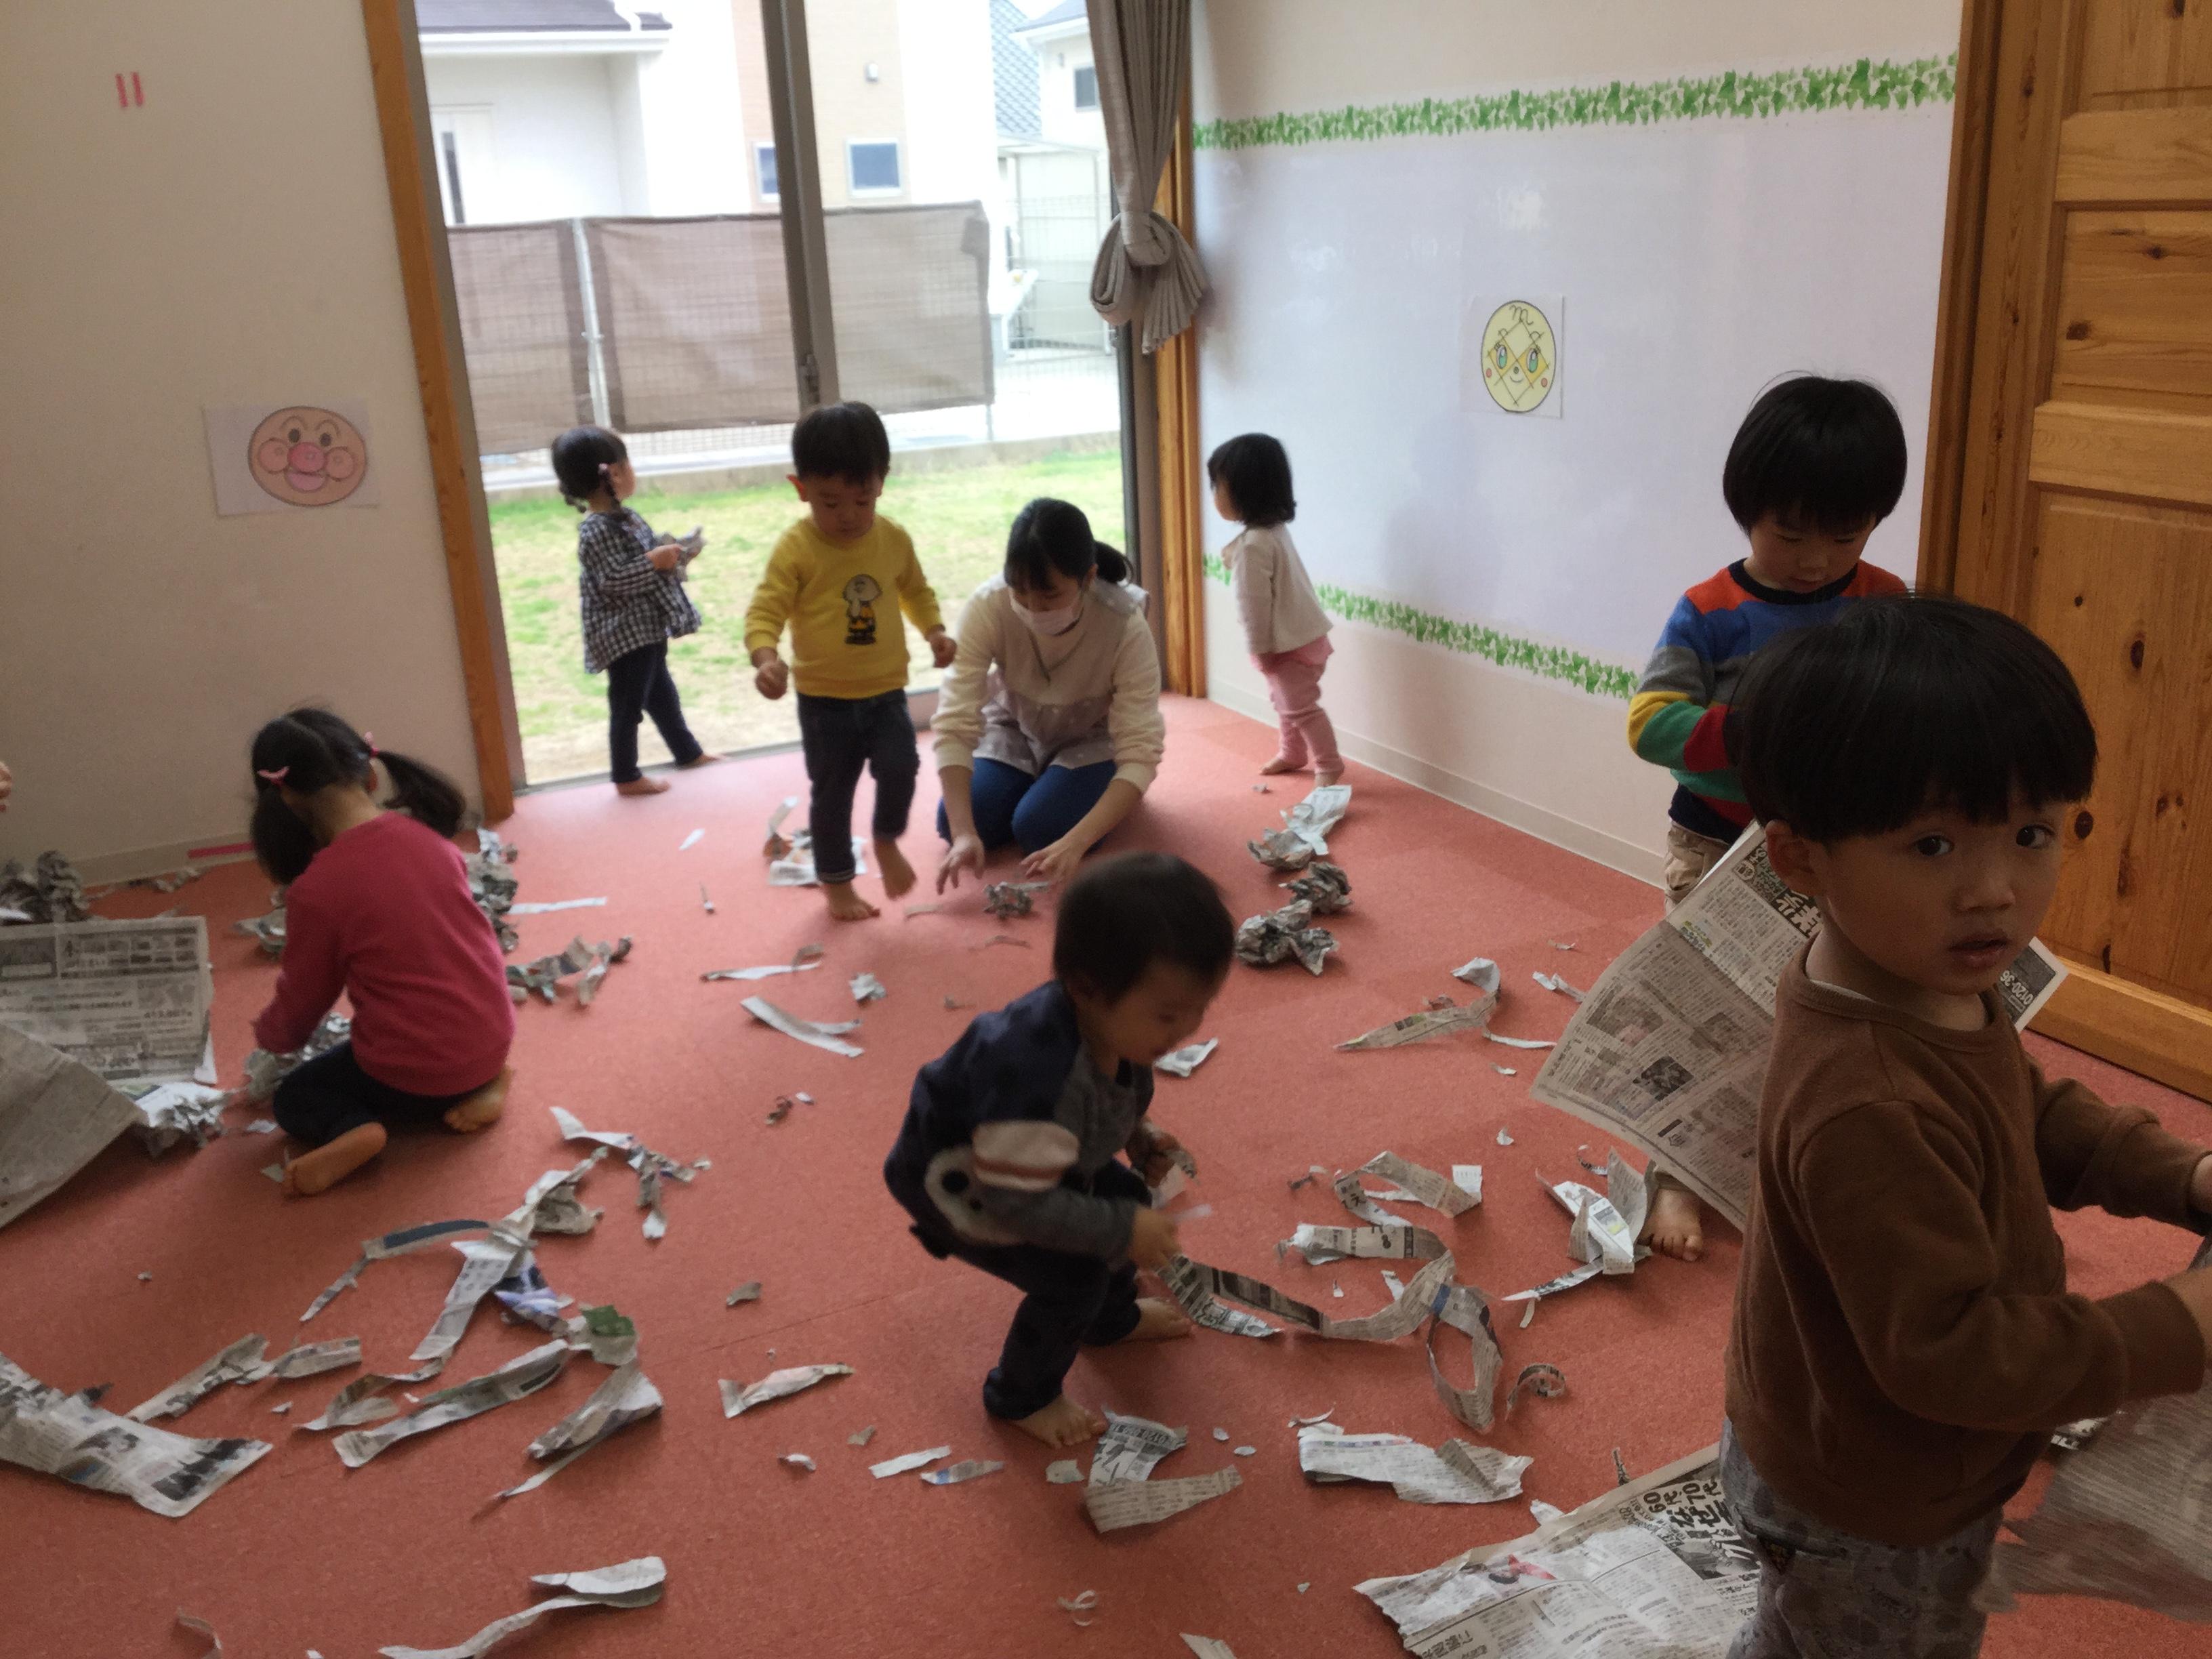 今日は、みんな一緒にコーナー遊びをしました。新聞紙遊びや・・・